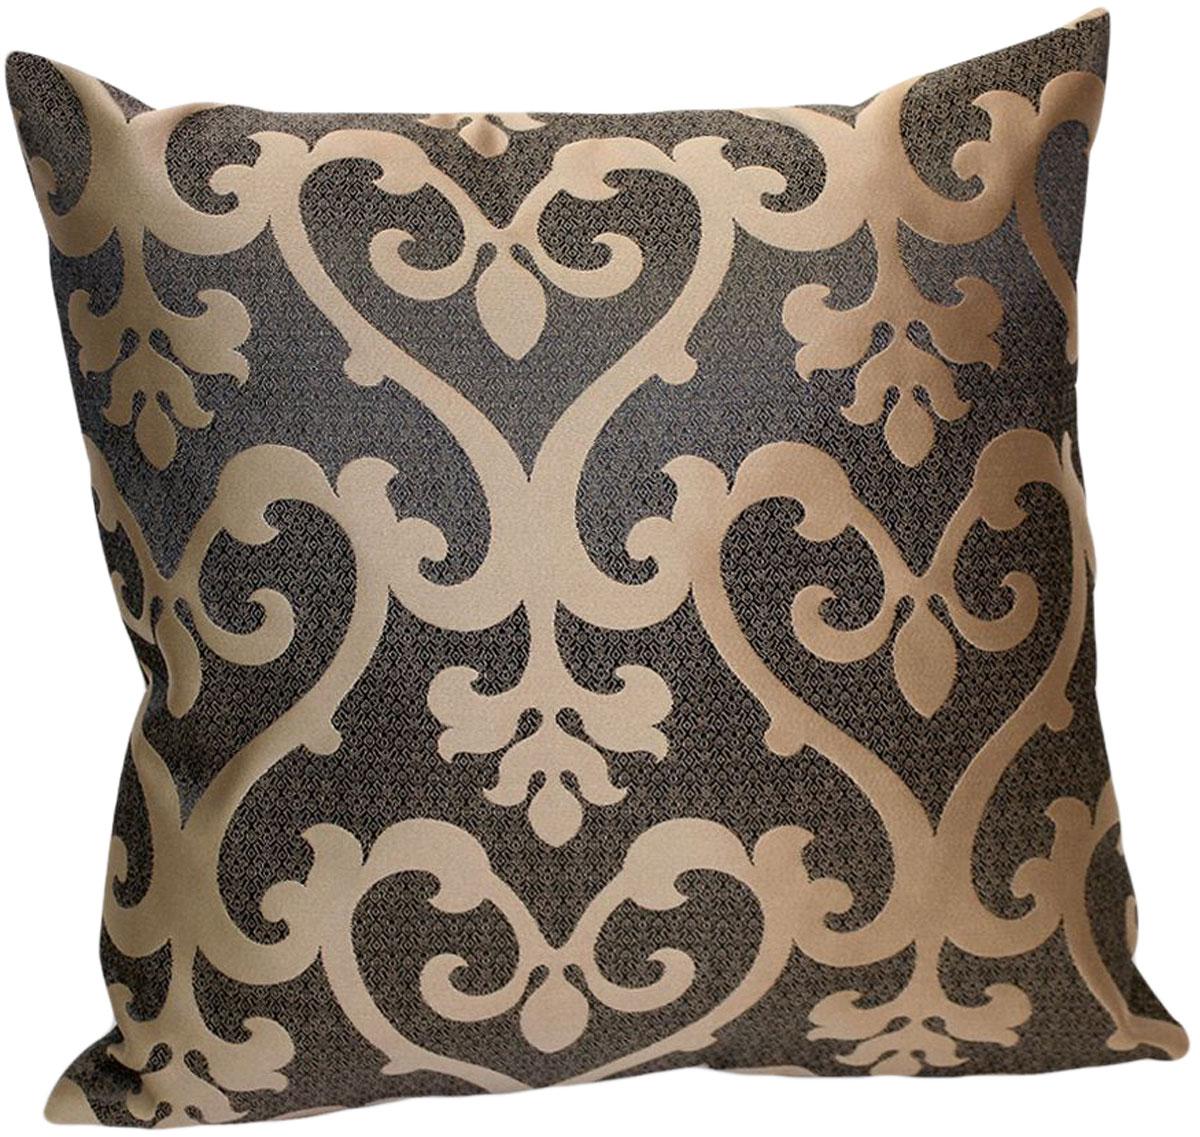 """Декоративная подушка """"Флорентина"""" прекрасно дополнит интерьер спальни или гостиной.  Чехол  подушки выполнен из жаккардовой ткани. Внутри находится мягкий наполнитель. Чехол  легко снимается  благодаря потайной молнии."""